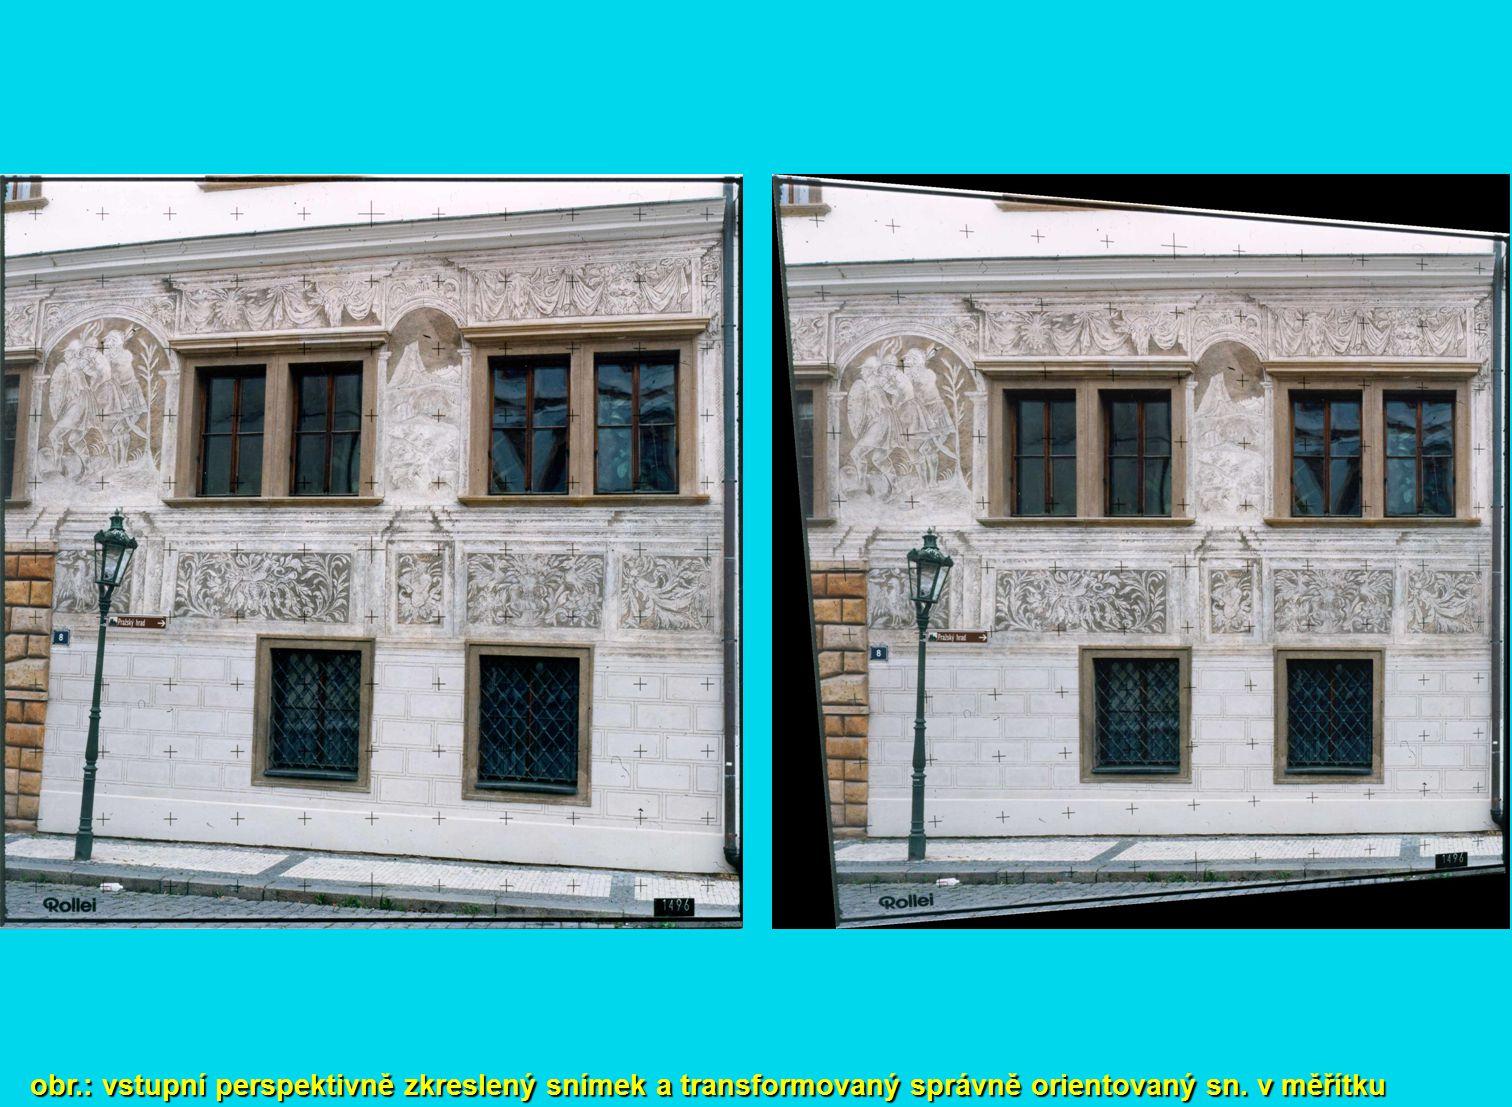 obr.: vstupní perspektivně zkreslený snímek a transformovaný správně orientovaný sn. v měřítku